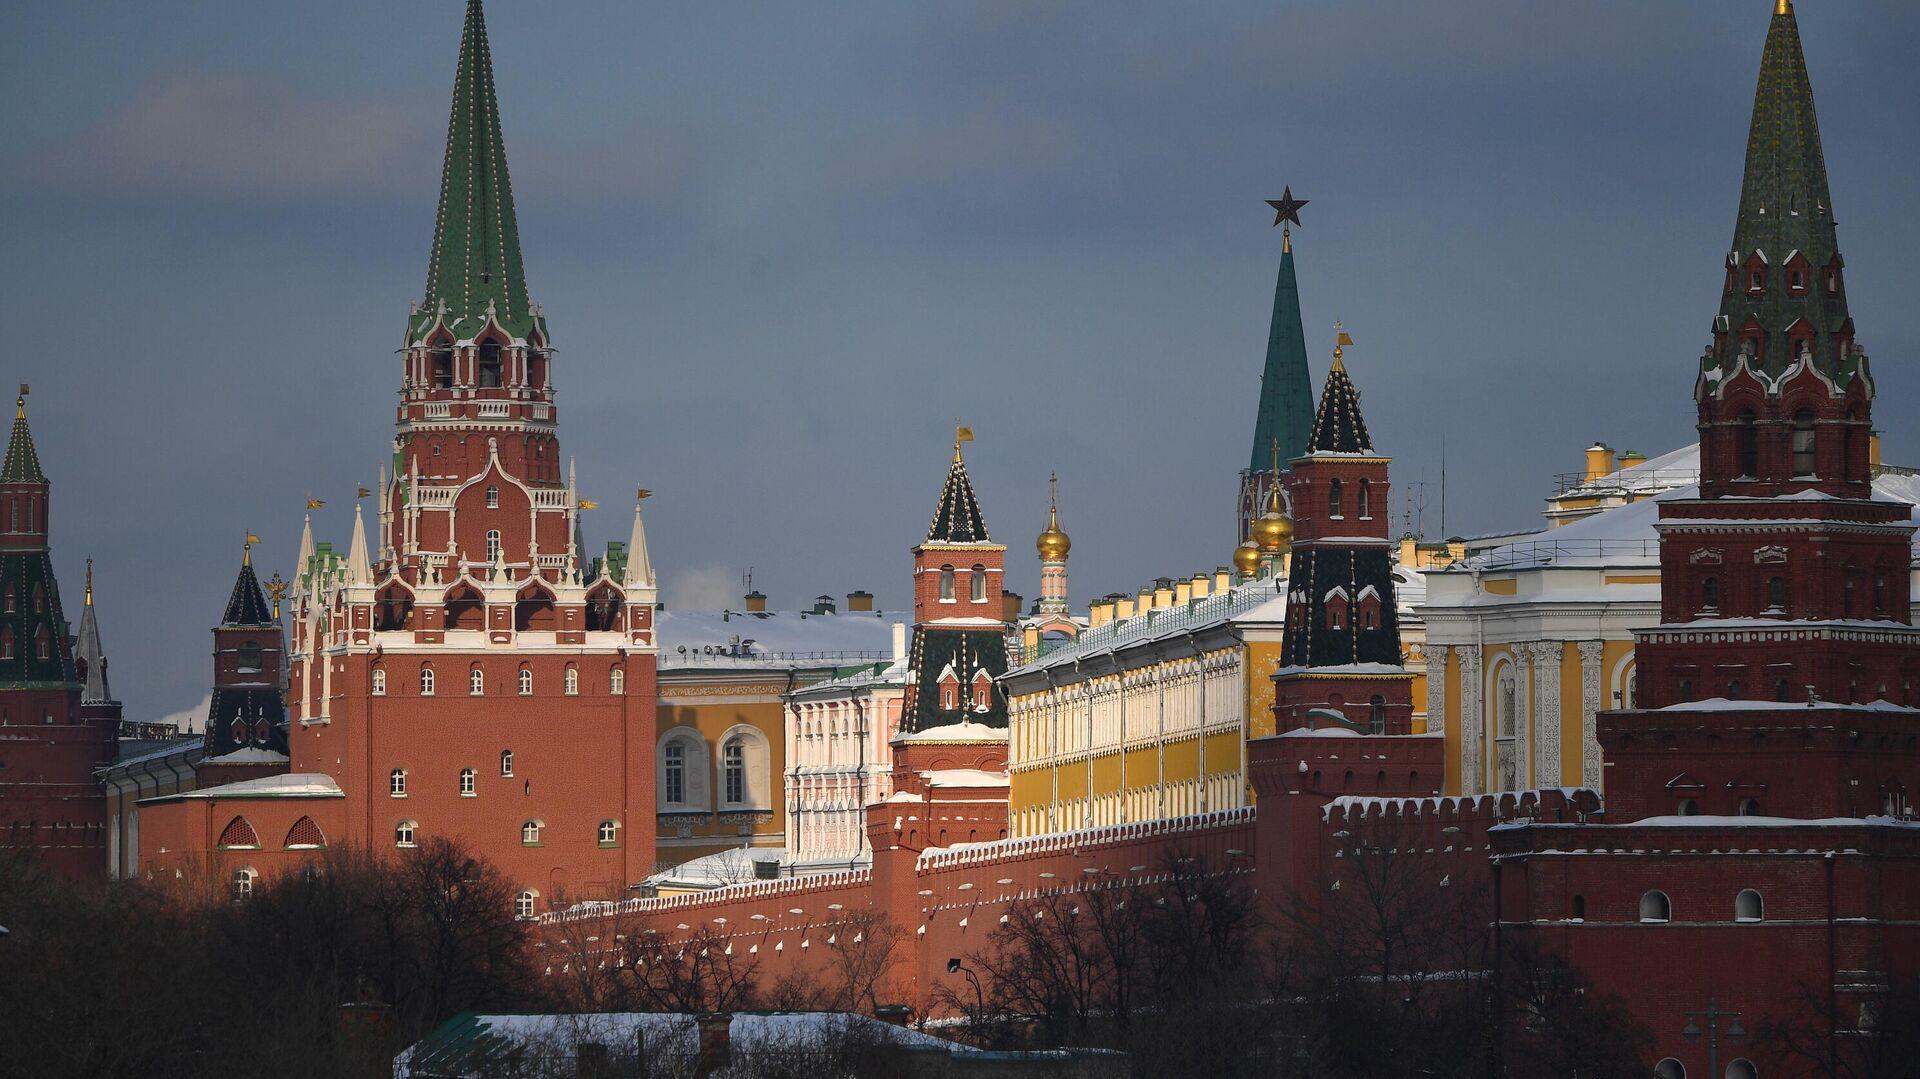 Московский Кремль - РИА Новости, 1920, 26.02.2021